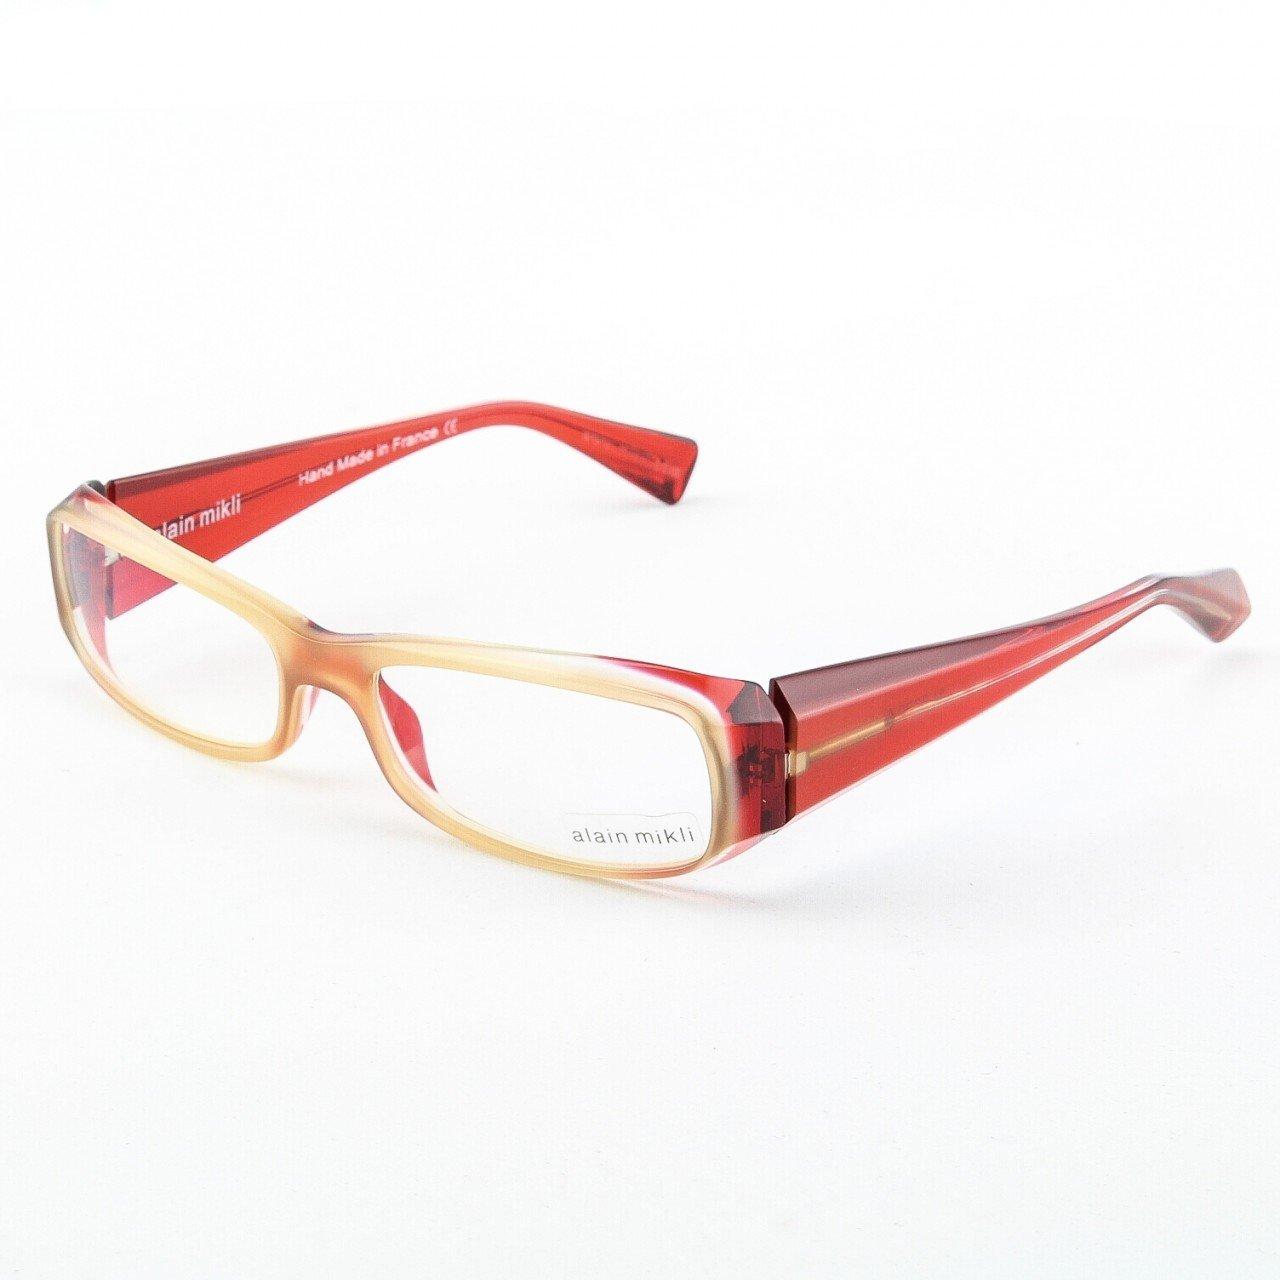 Alain Mikli Eyeglasses AL0322 63 Neutral Translucent Frame Red Translucent Accents